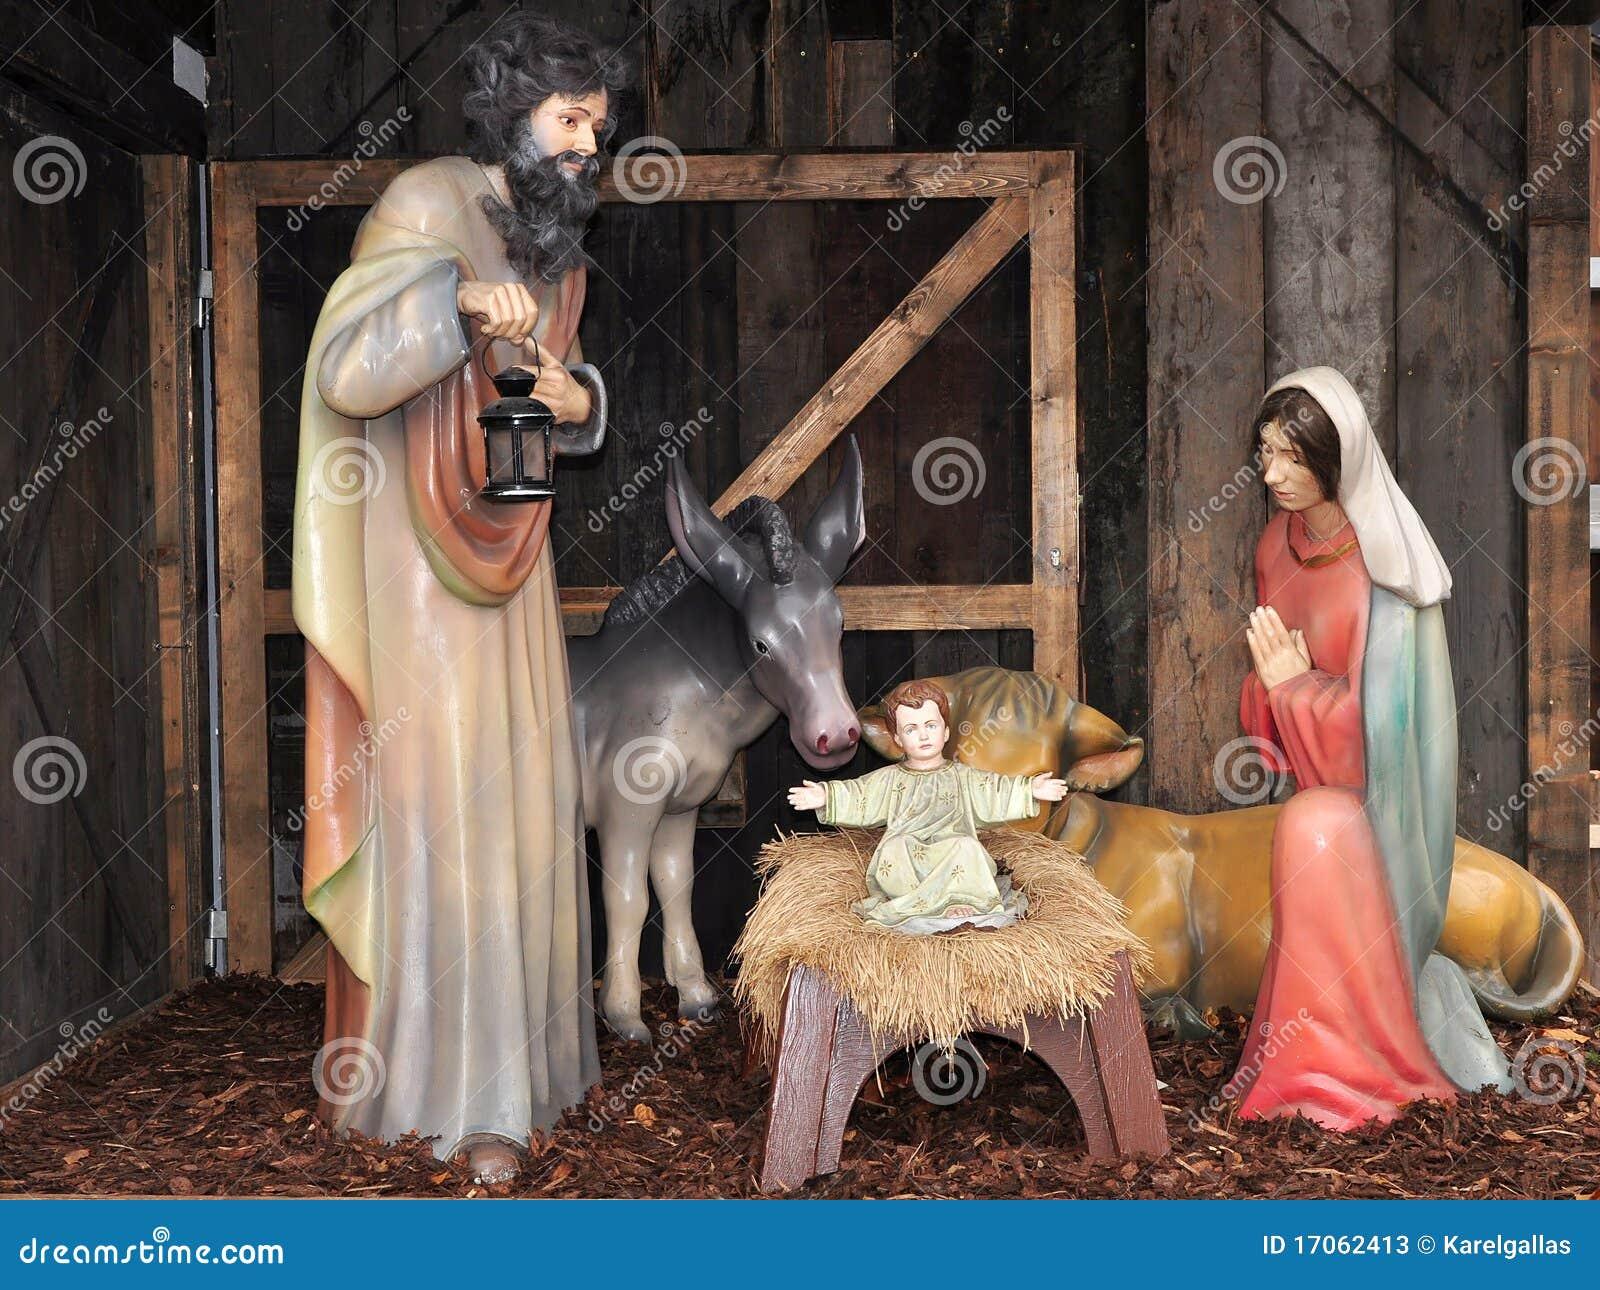 Crèche, de tijd van Kerstmis